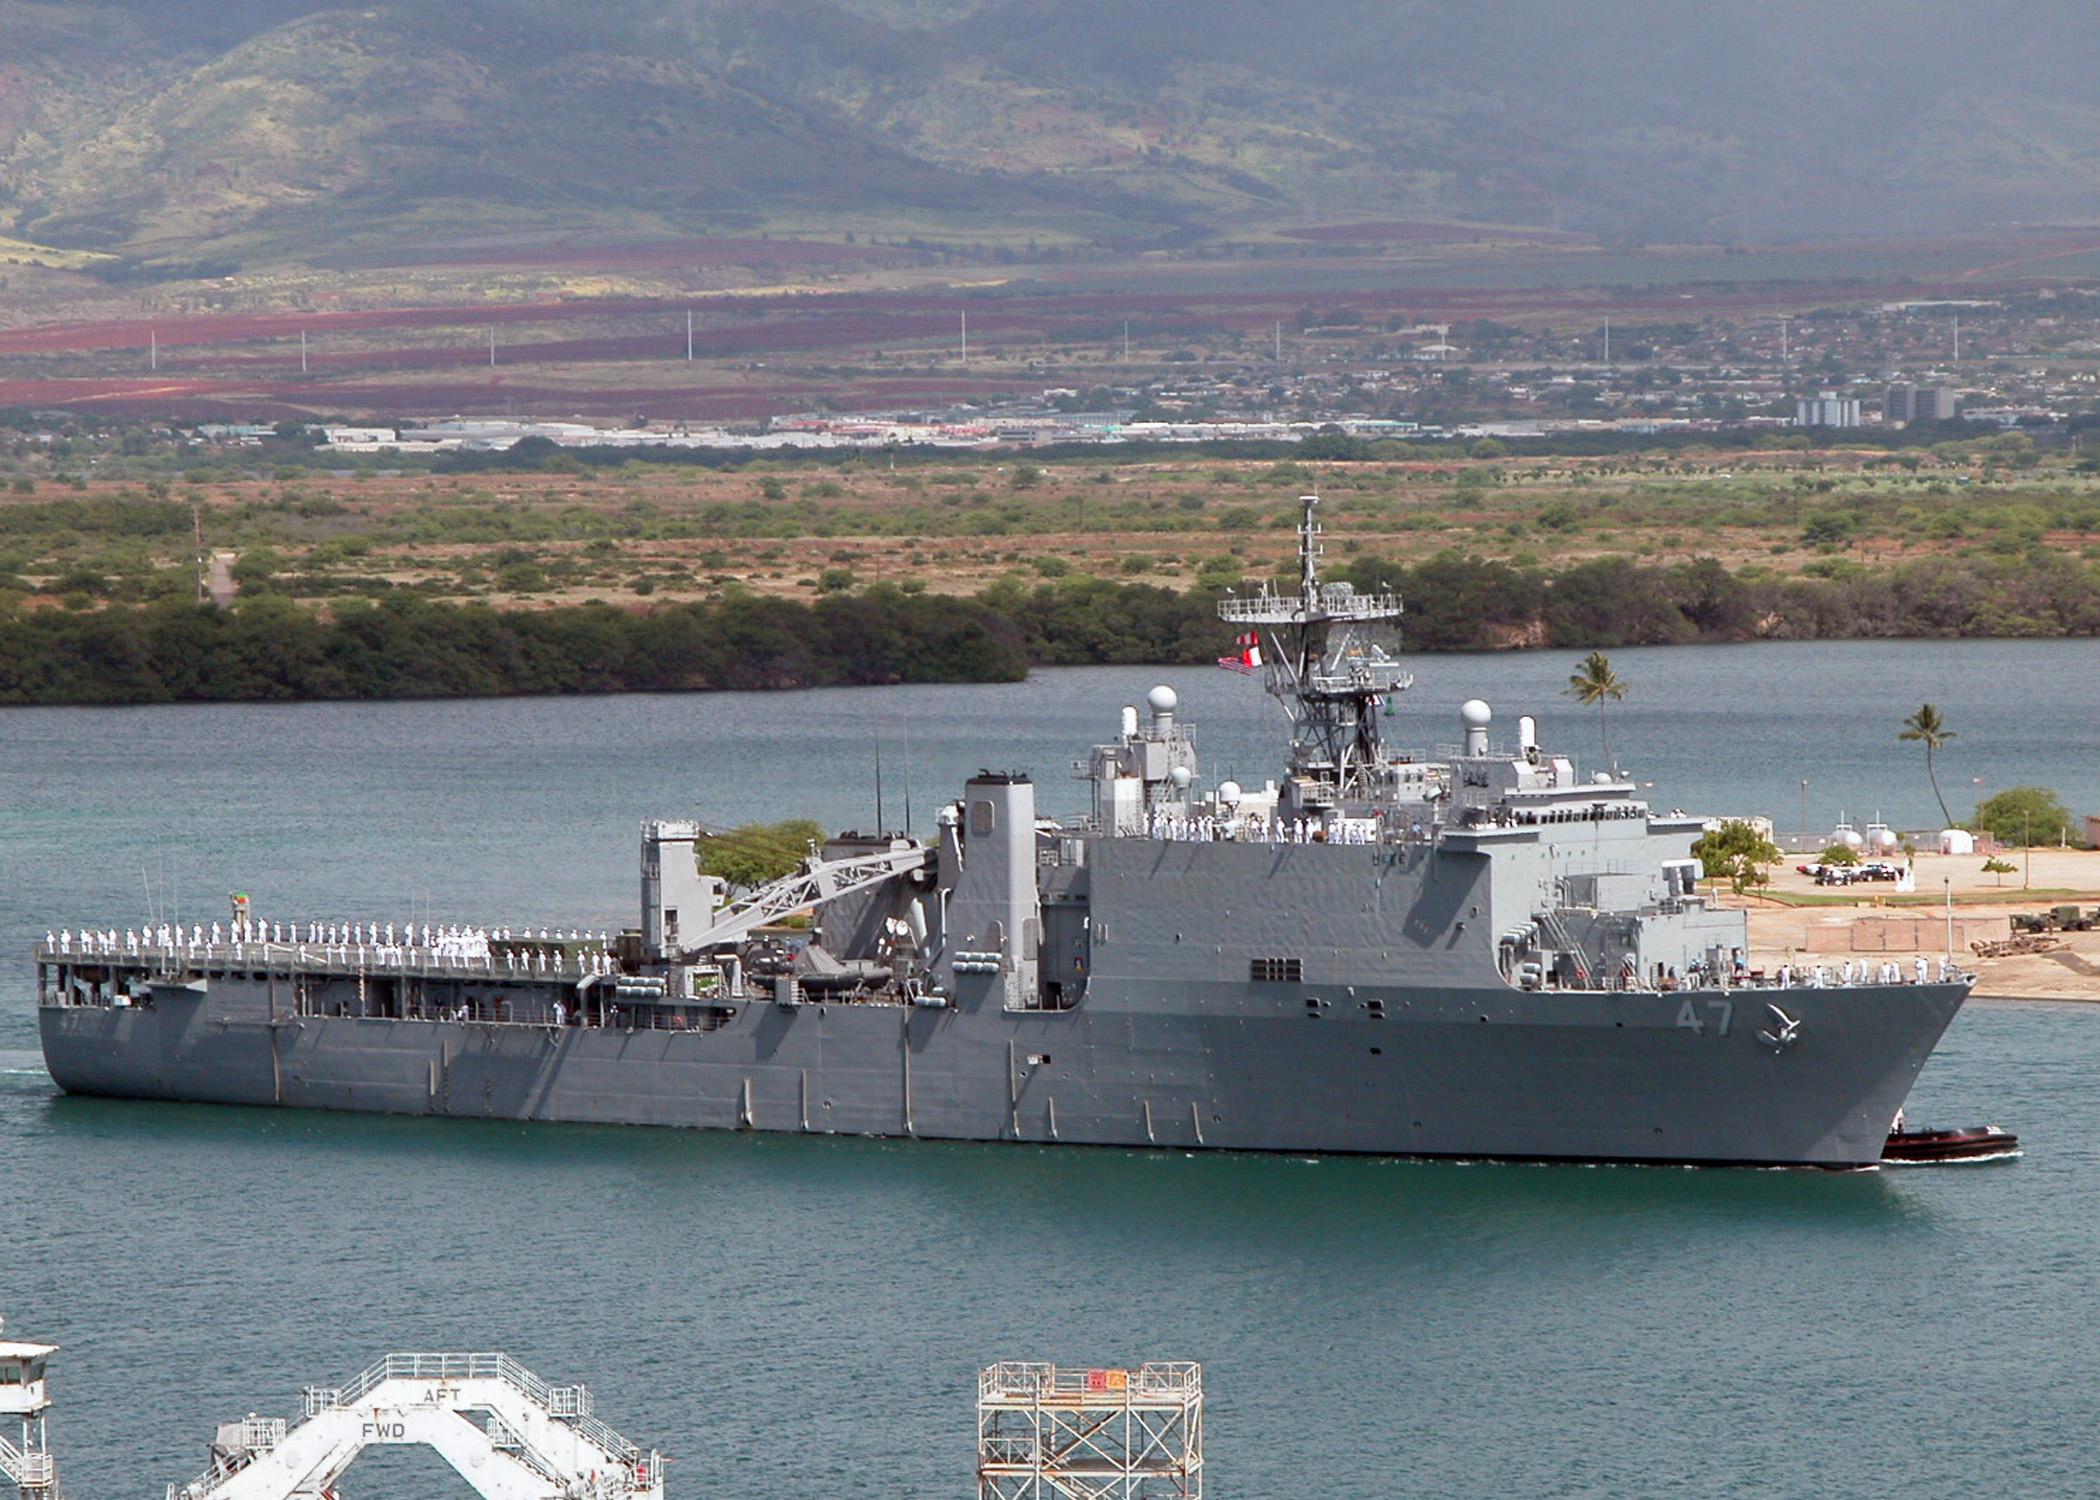 美国三艘 准航母 今天进驻香港维多利亚港,将与英国远洋驱逐舰编队在香港汇合